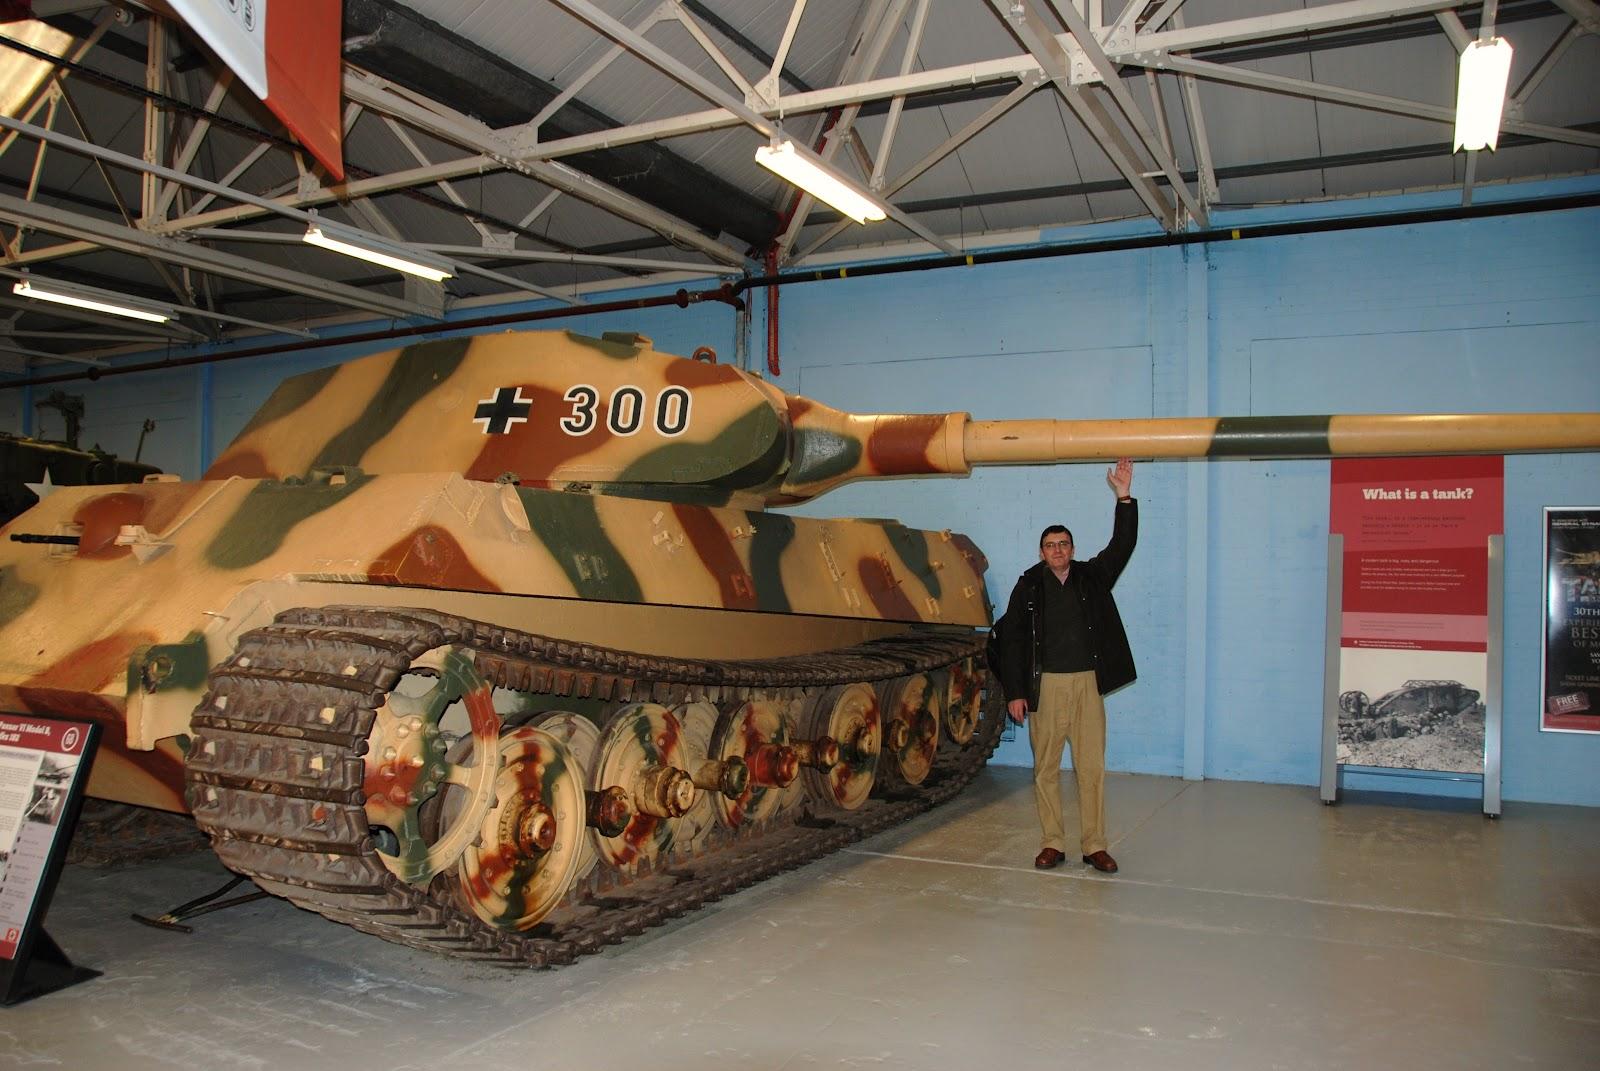 http://1.bp.blogspot.com/-Pt71KvOg-lM/T6WNxc8Cw1I/AAAAAAAAAC4/USDaR_qFjMs/s1600/WWII_Tiger_II_02.JPG